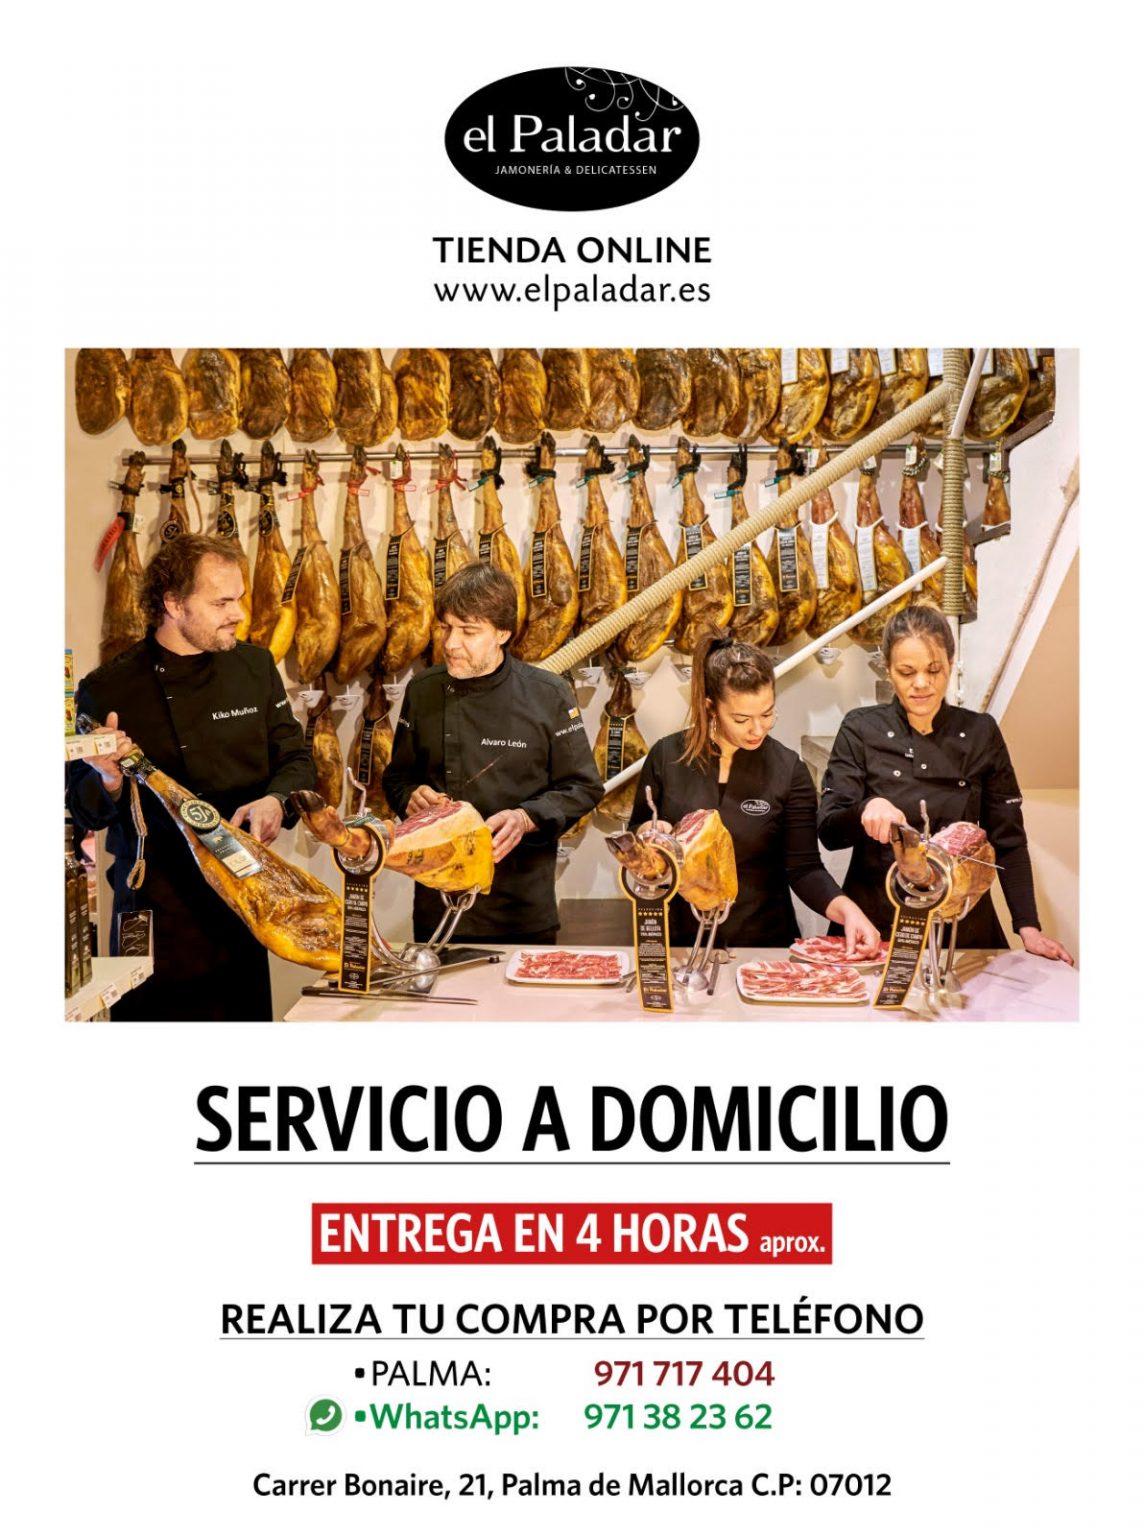 El Paladar Jamoneria & Delicatessen